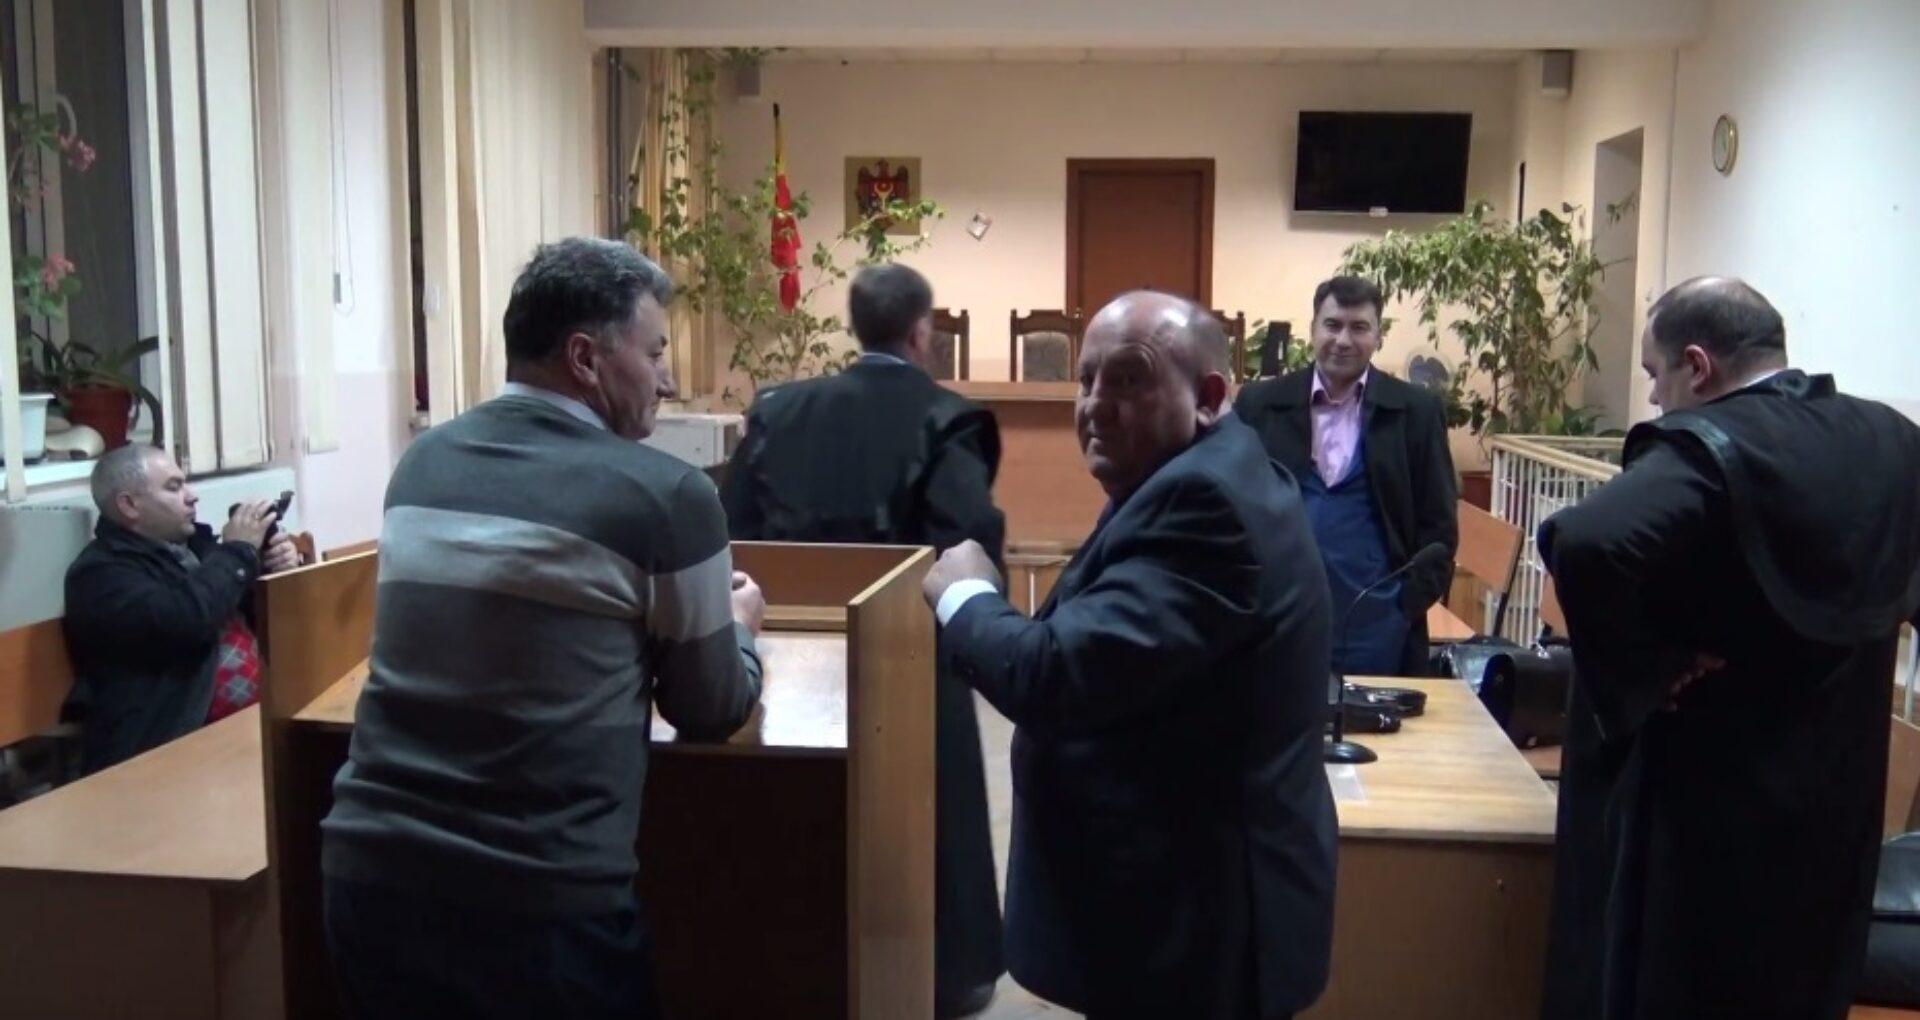 (VIDEO) Dosar de tortură. CAC i-a absolvit de pedeapsă pe polițiștii Corduneanu și Rusu